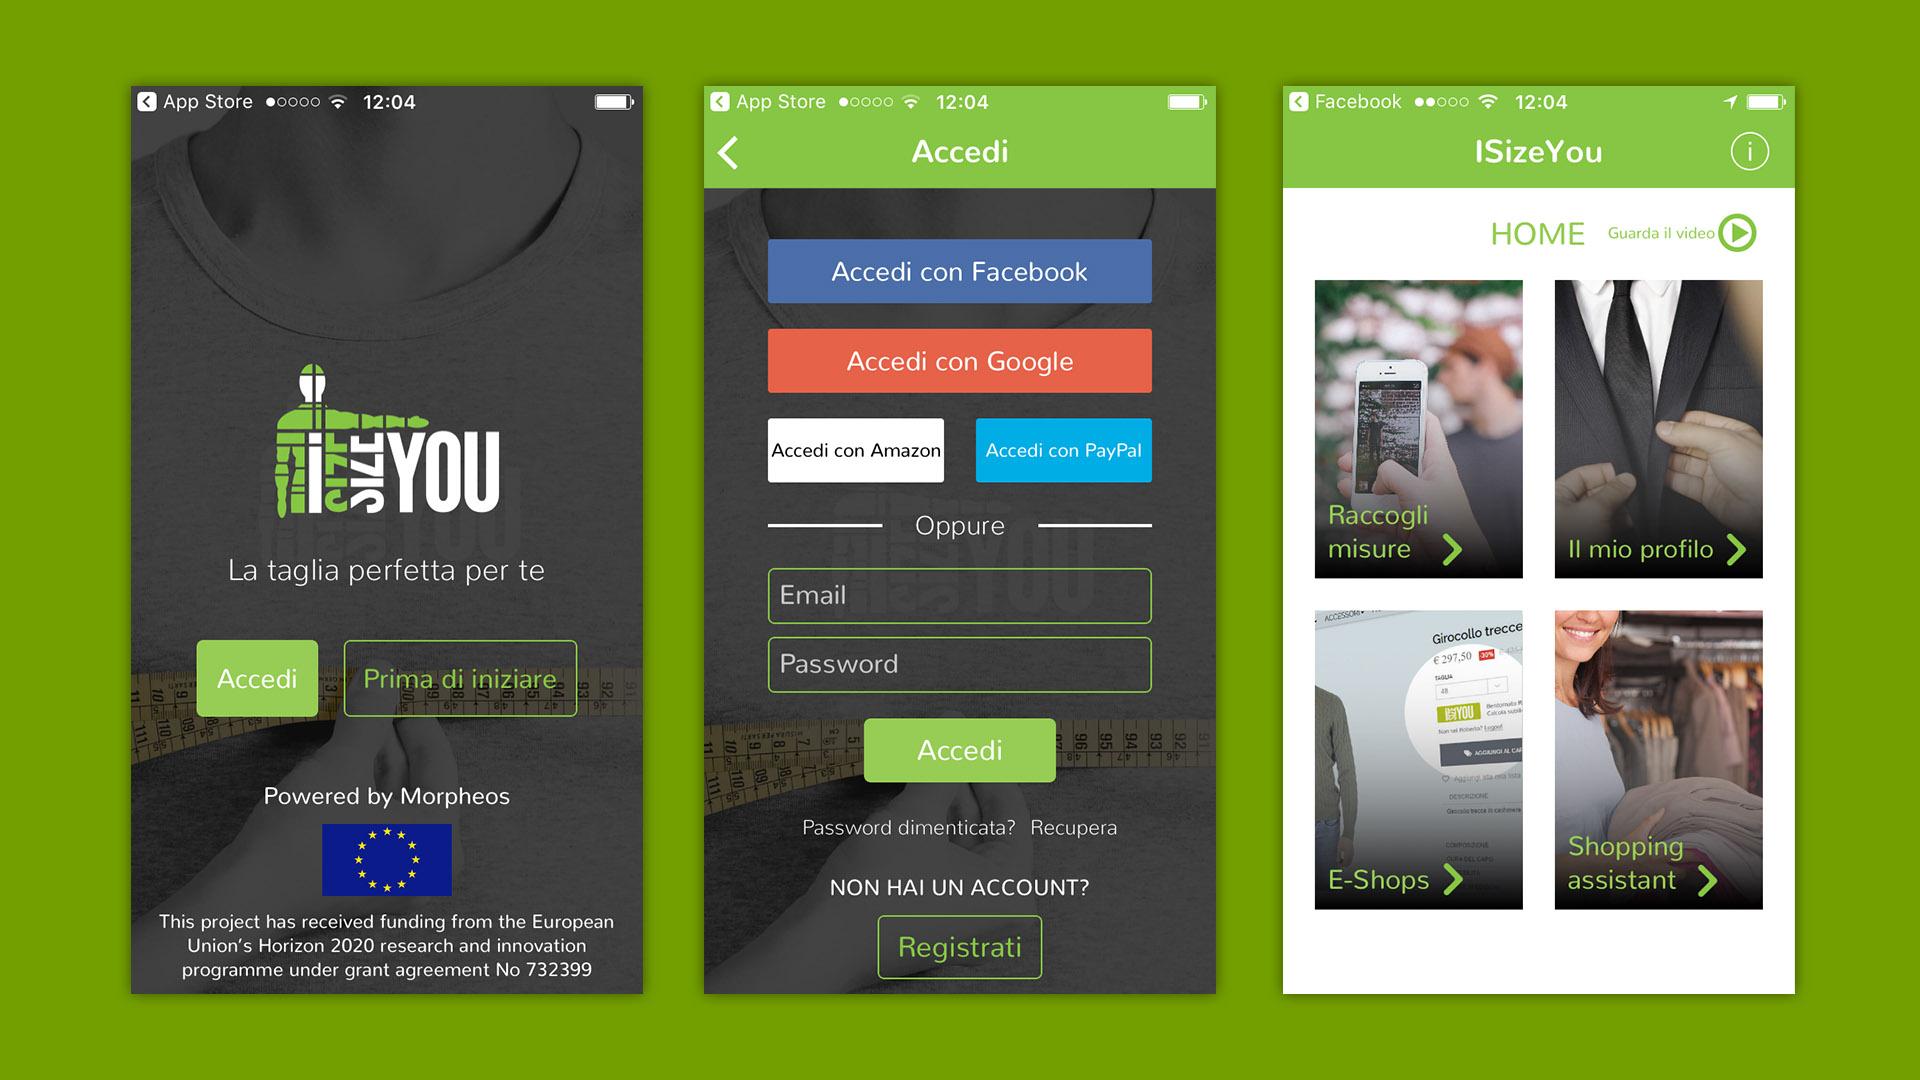 App di ISizeYou realizzata da OrangePix a Biella